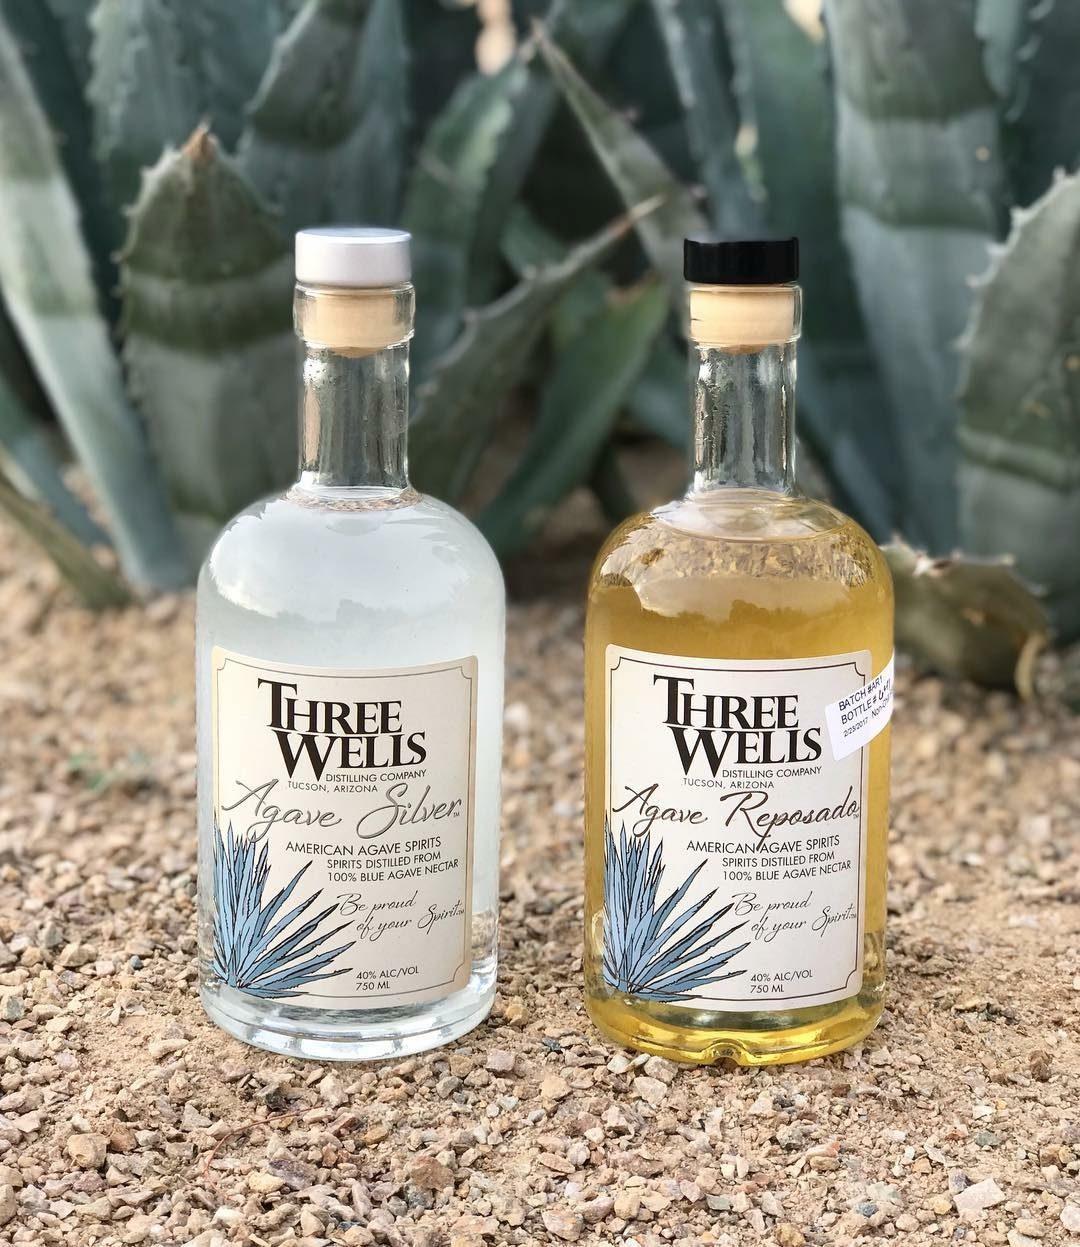 Three Wells Distilling